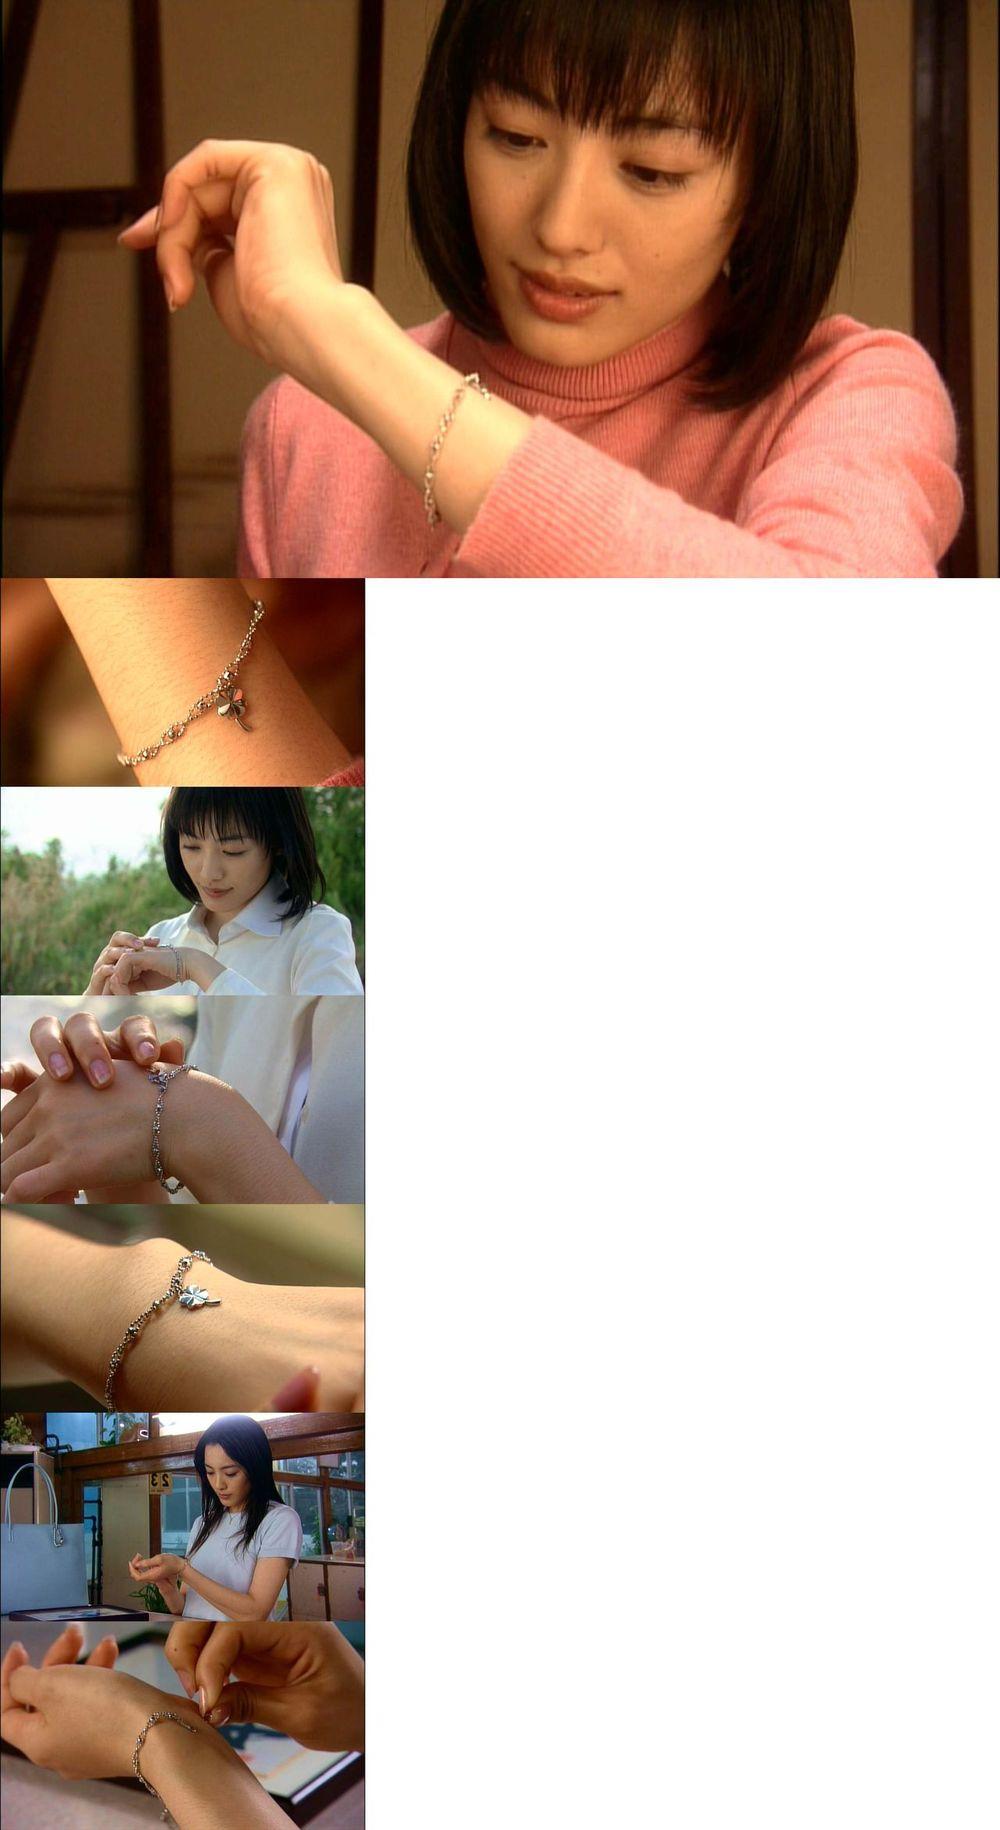 仲間由紀恵さんの腕毛の画像①